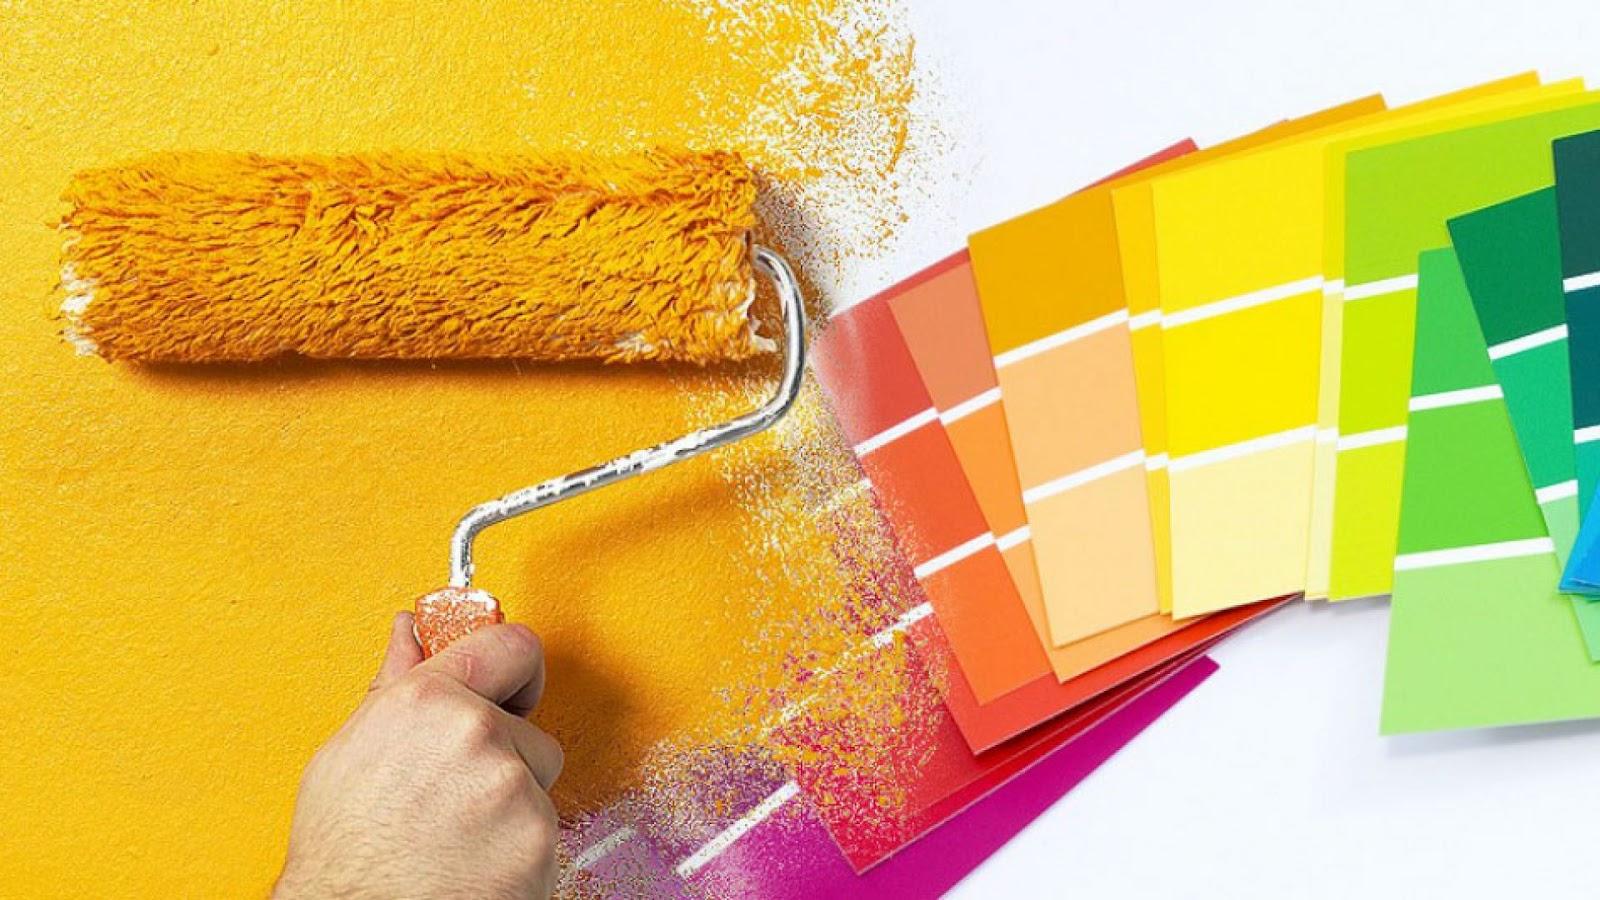 Những mẫu phối màu sơn ngoại thất đẹp tạo nên những ngôi nhà đẹp